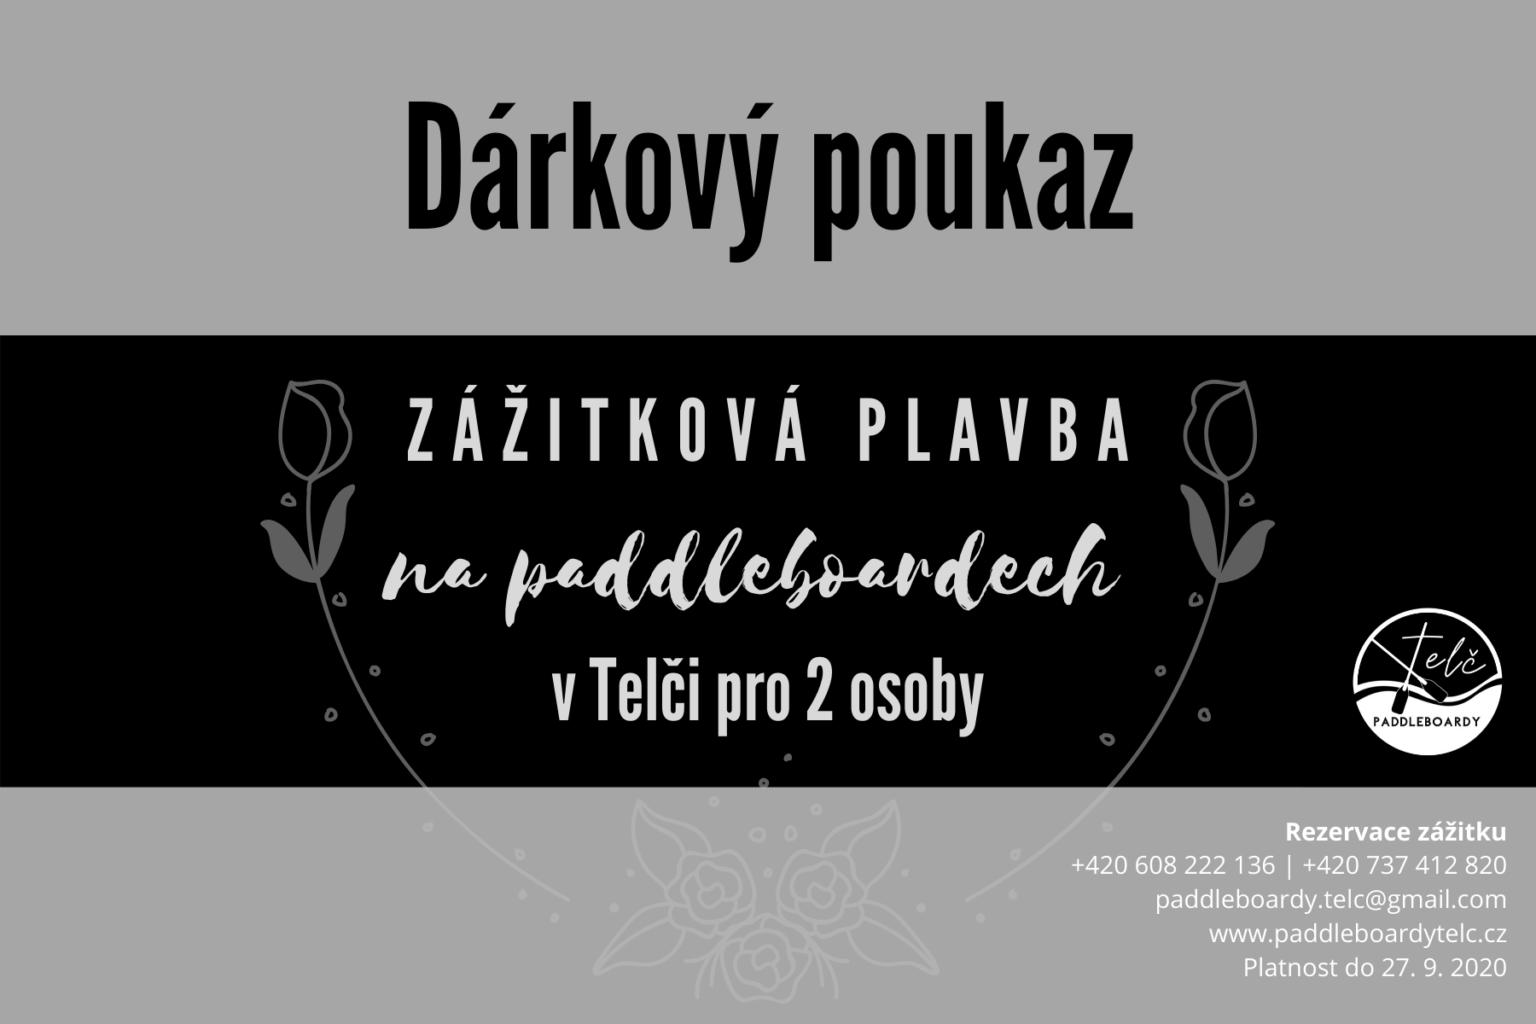 Dárkový_poukaz_PT_202001